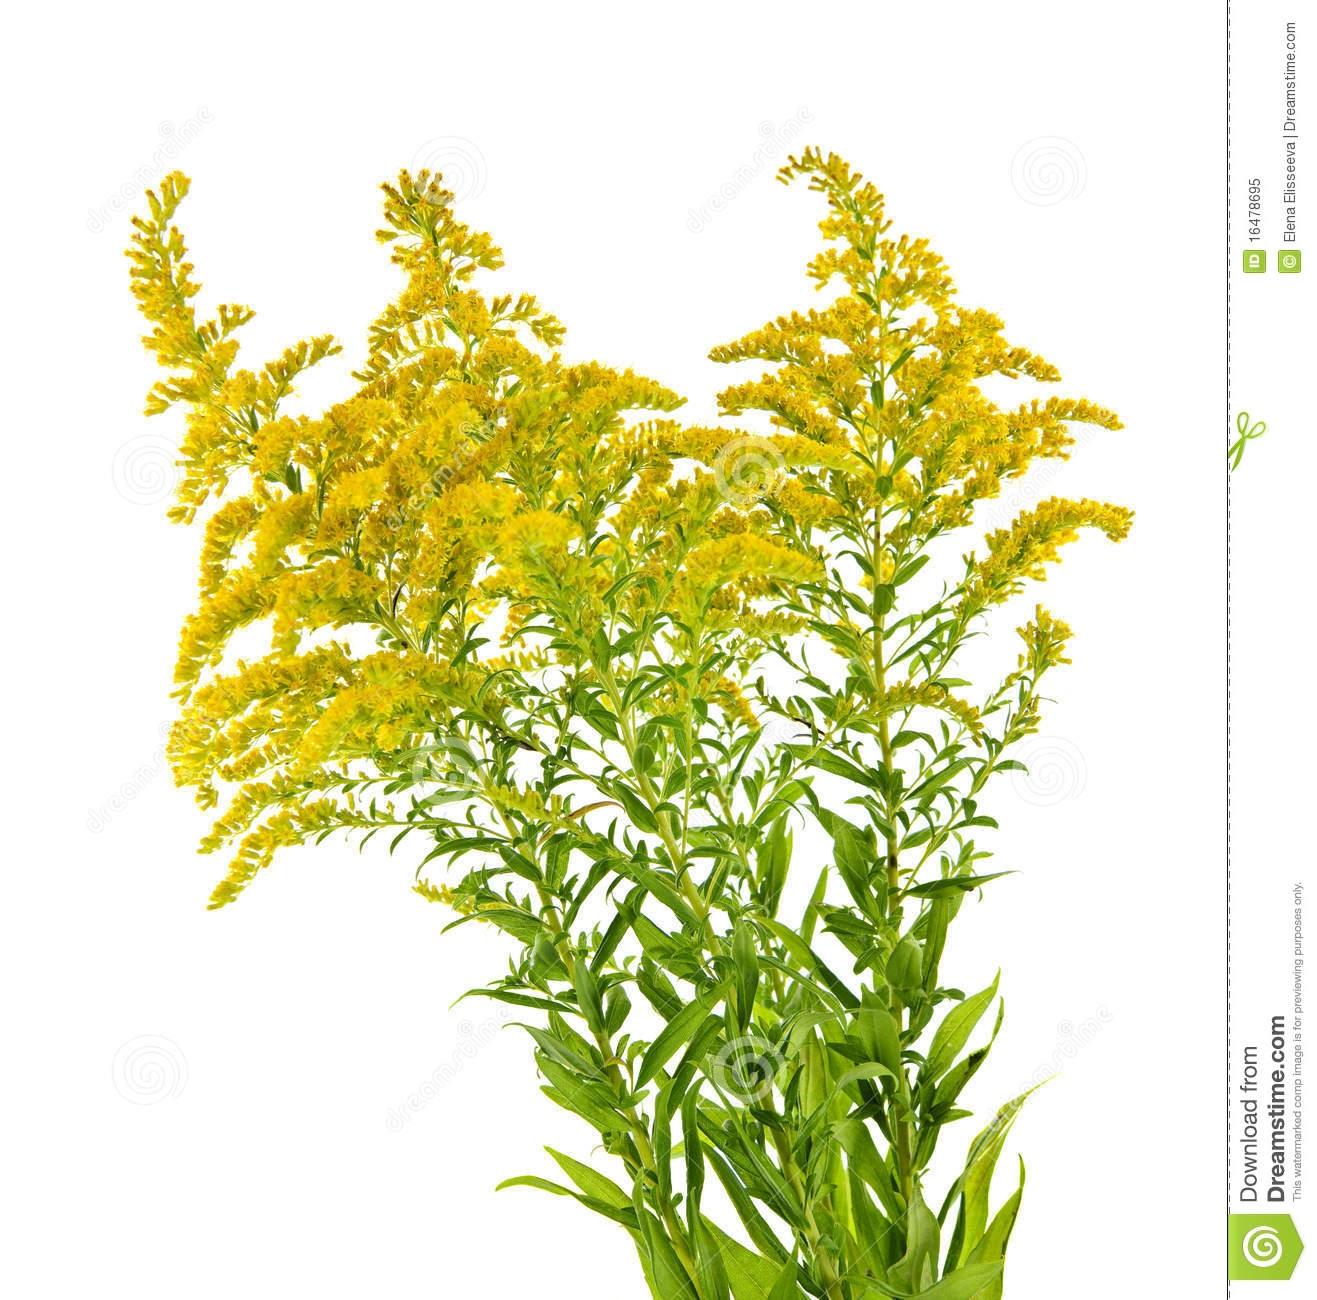 Goldenrod flower clipart.